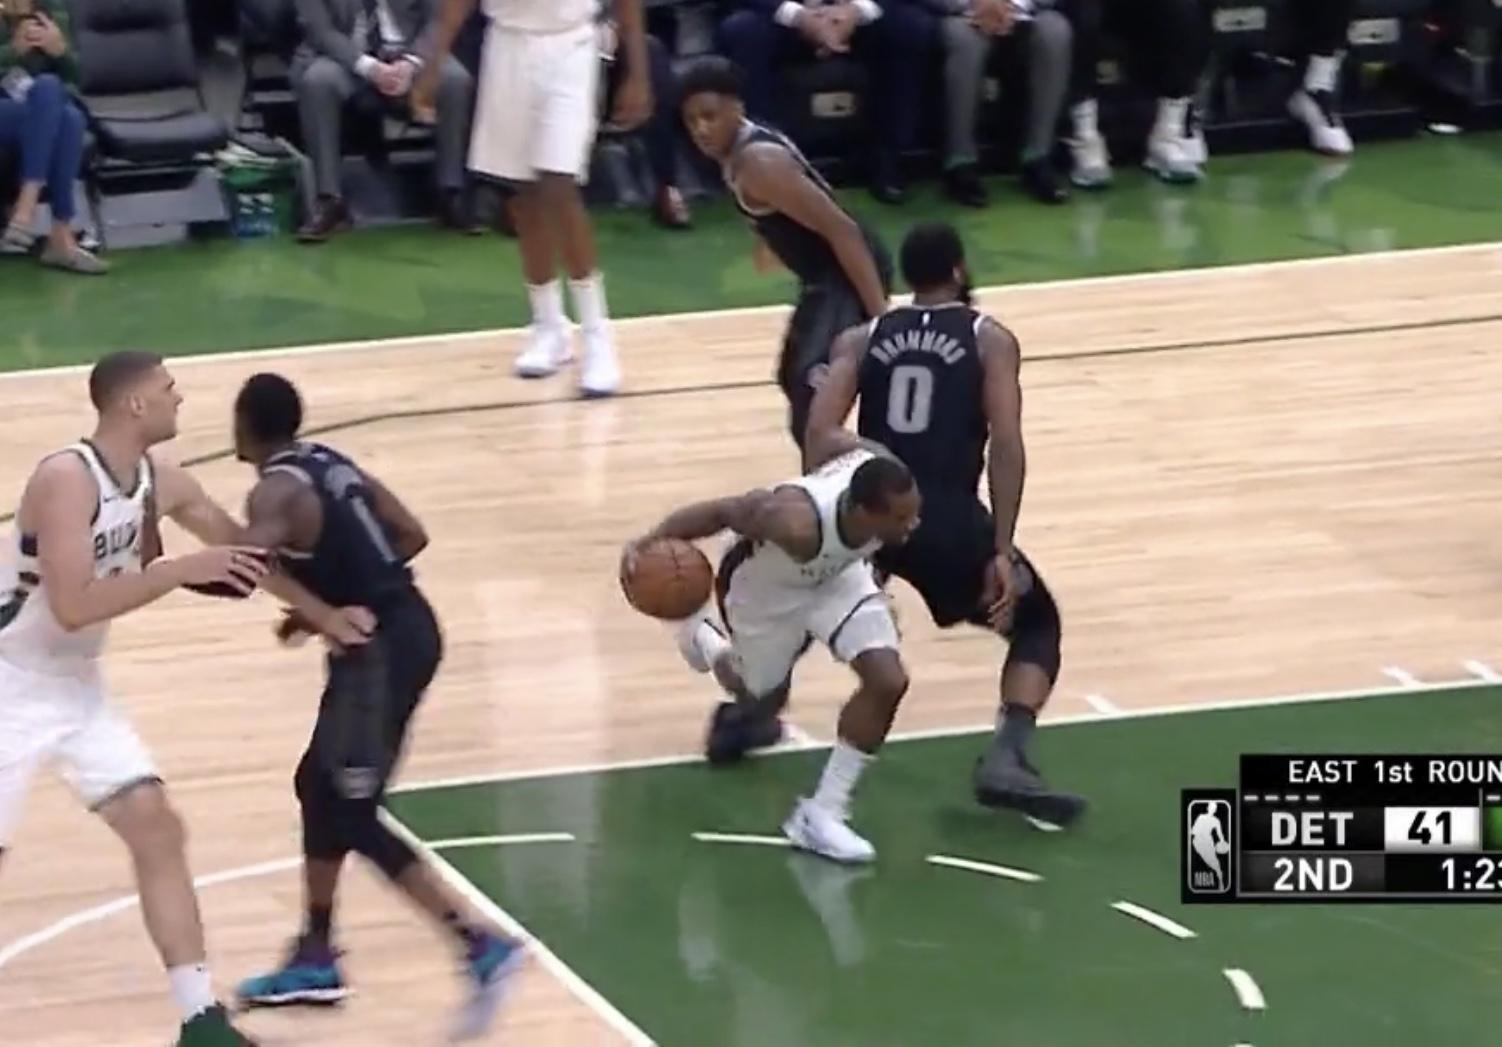 拜佛晃开庄神命中抛投,半场最后一攻布莱索再中冷血三分 NBA新闻